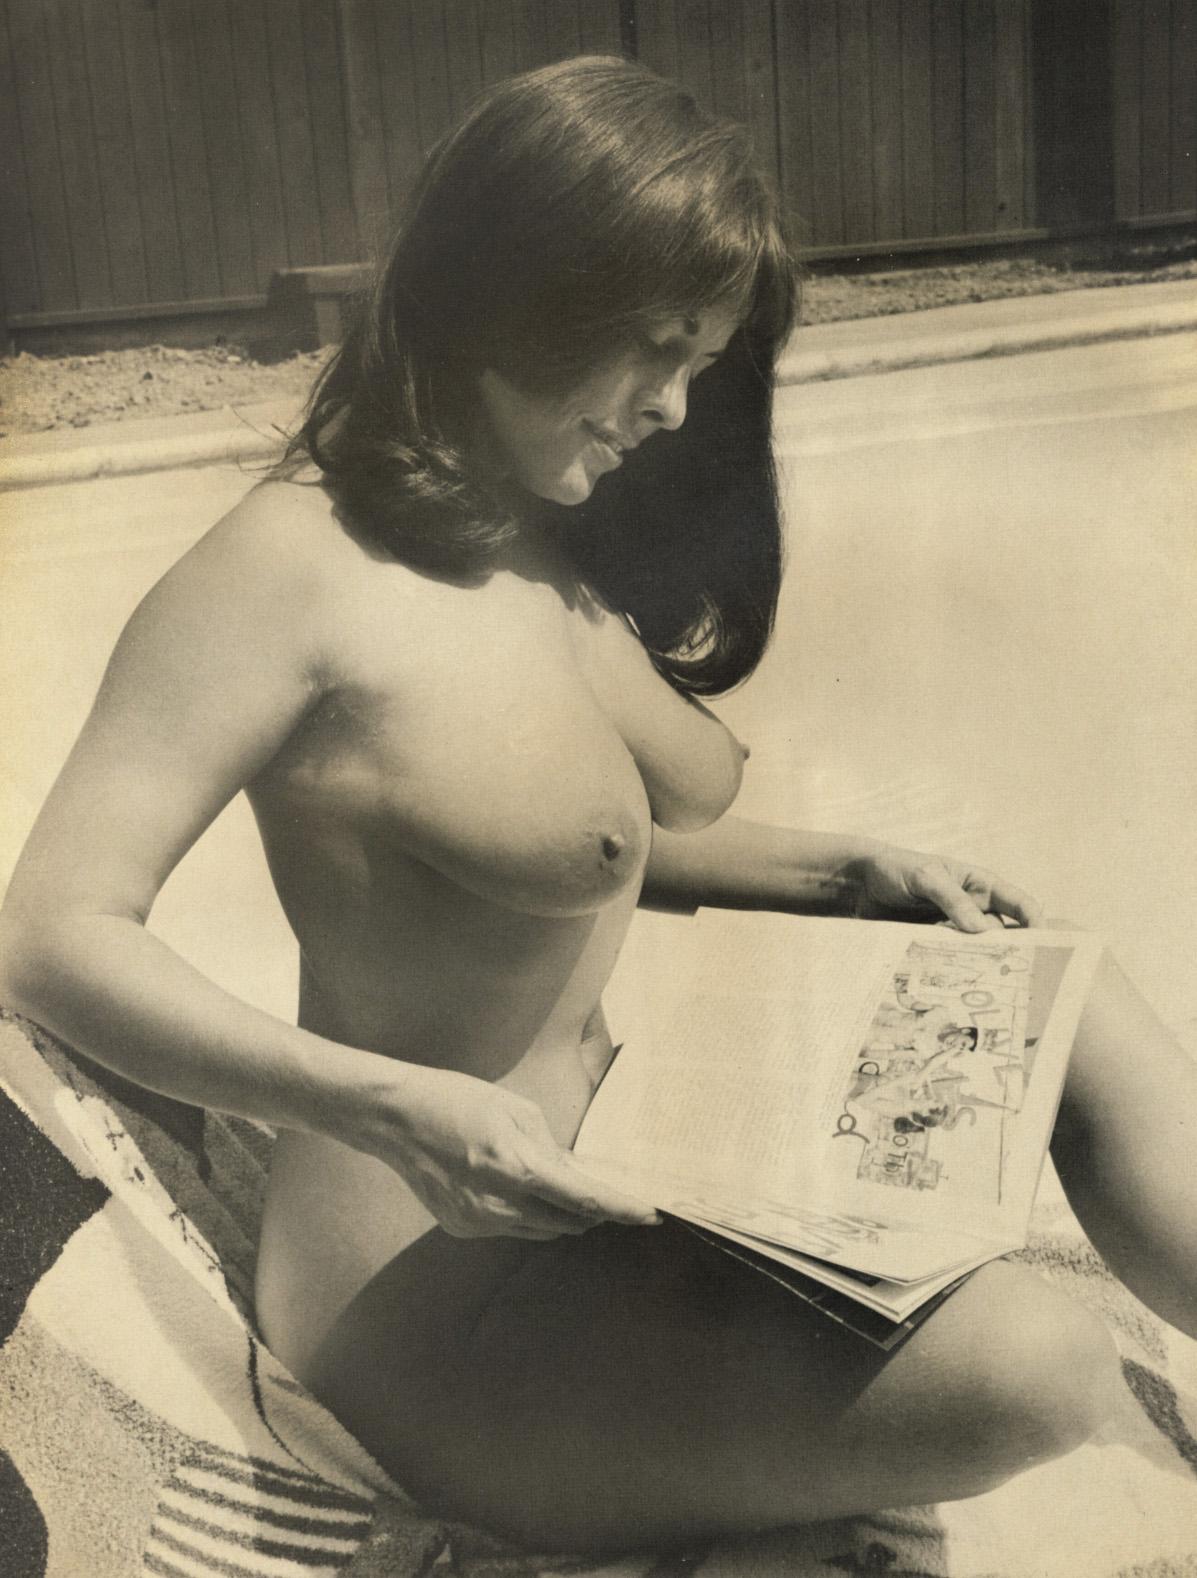 Marguerite-Empey-aka-diane-webber 06.jpg